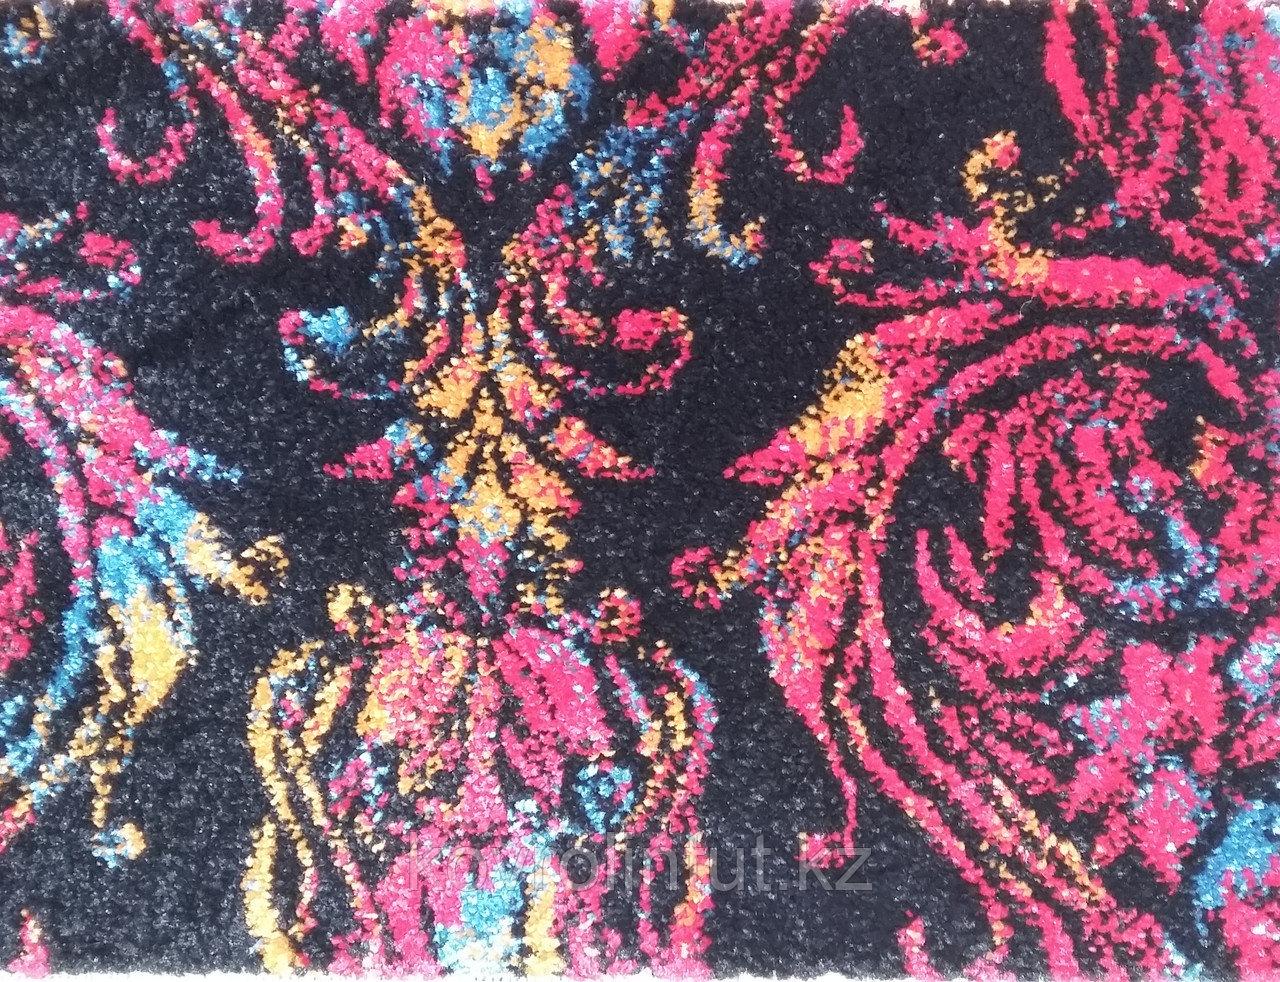 Ковролин (ковролан) FRISE KOLIBRI Чёрный с разноцветным орнаментом 4,0м опт/розн